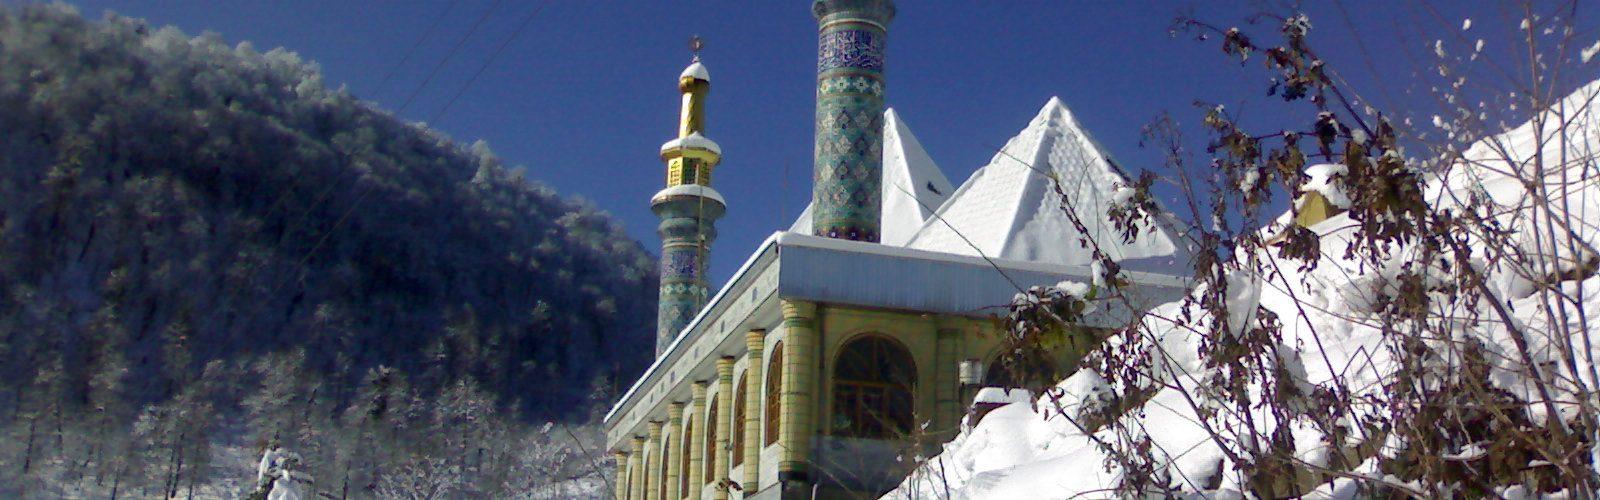 آرامگاه امامزاده سید علی کیا سلطان